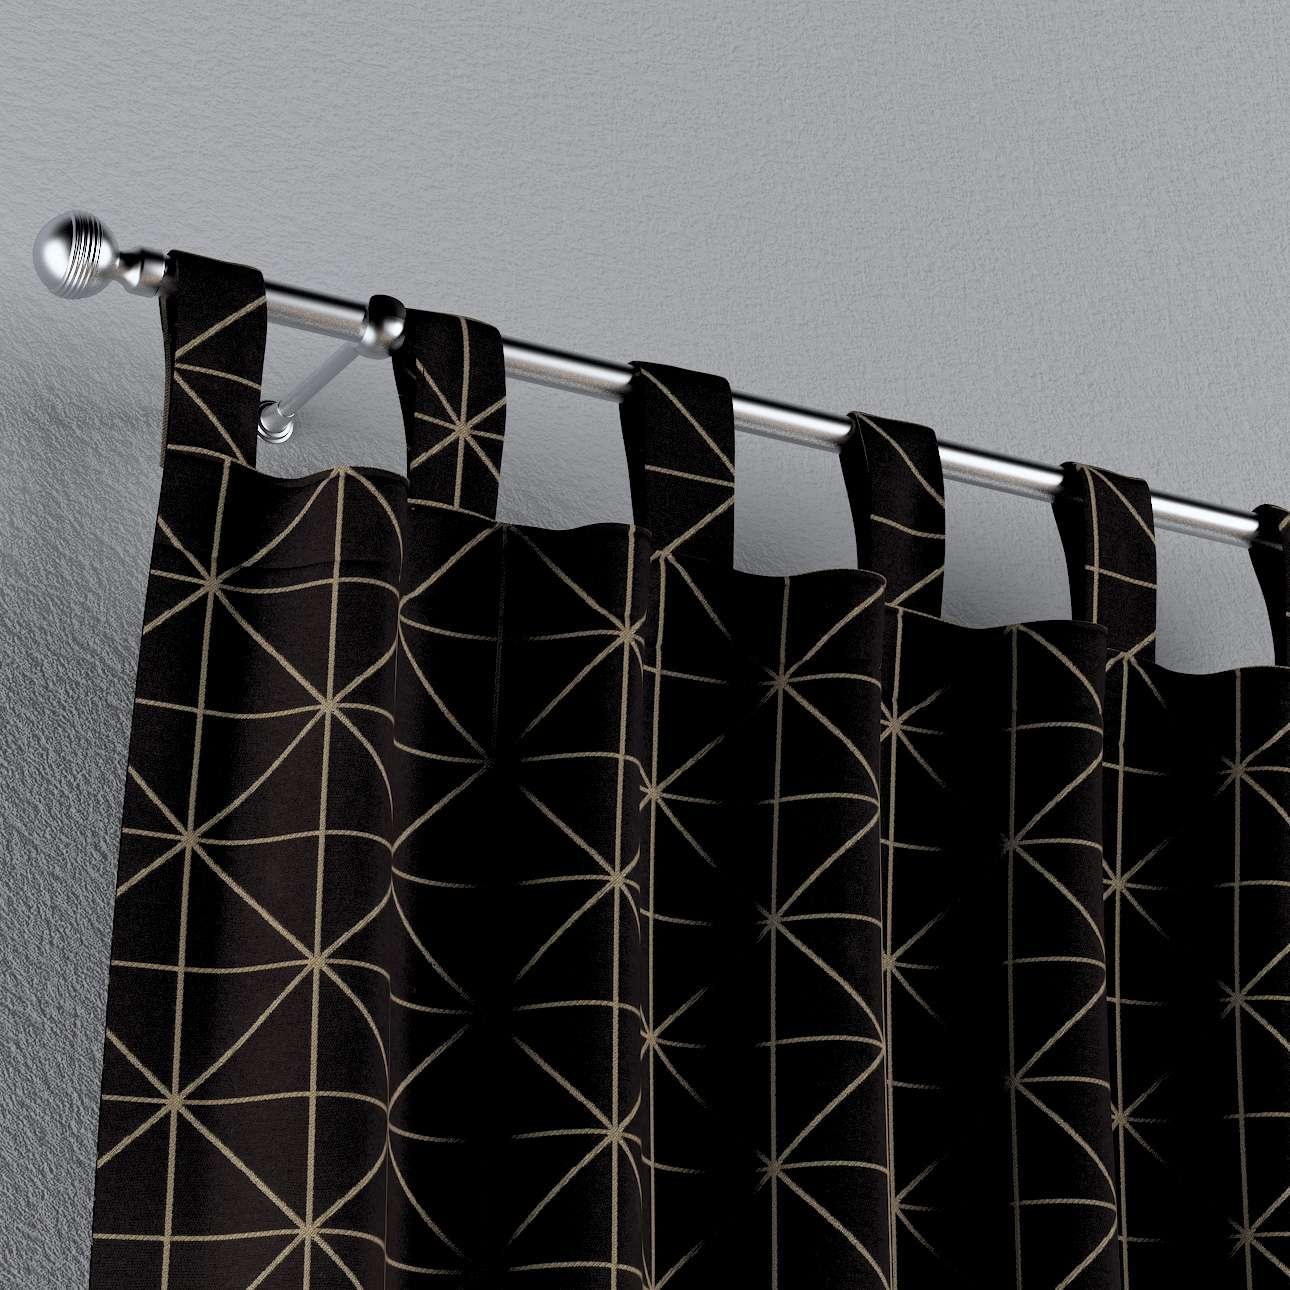 Füles függöny a kollekcióból Black & White, Dekoranyag: 142-55